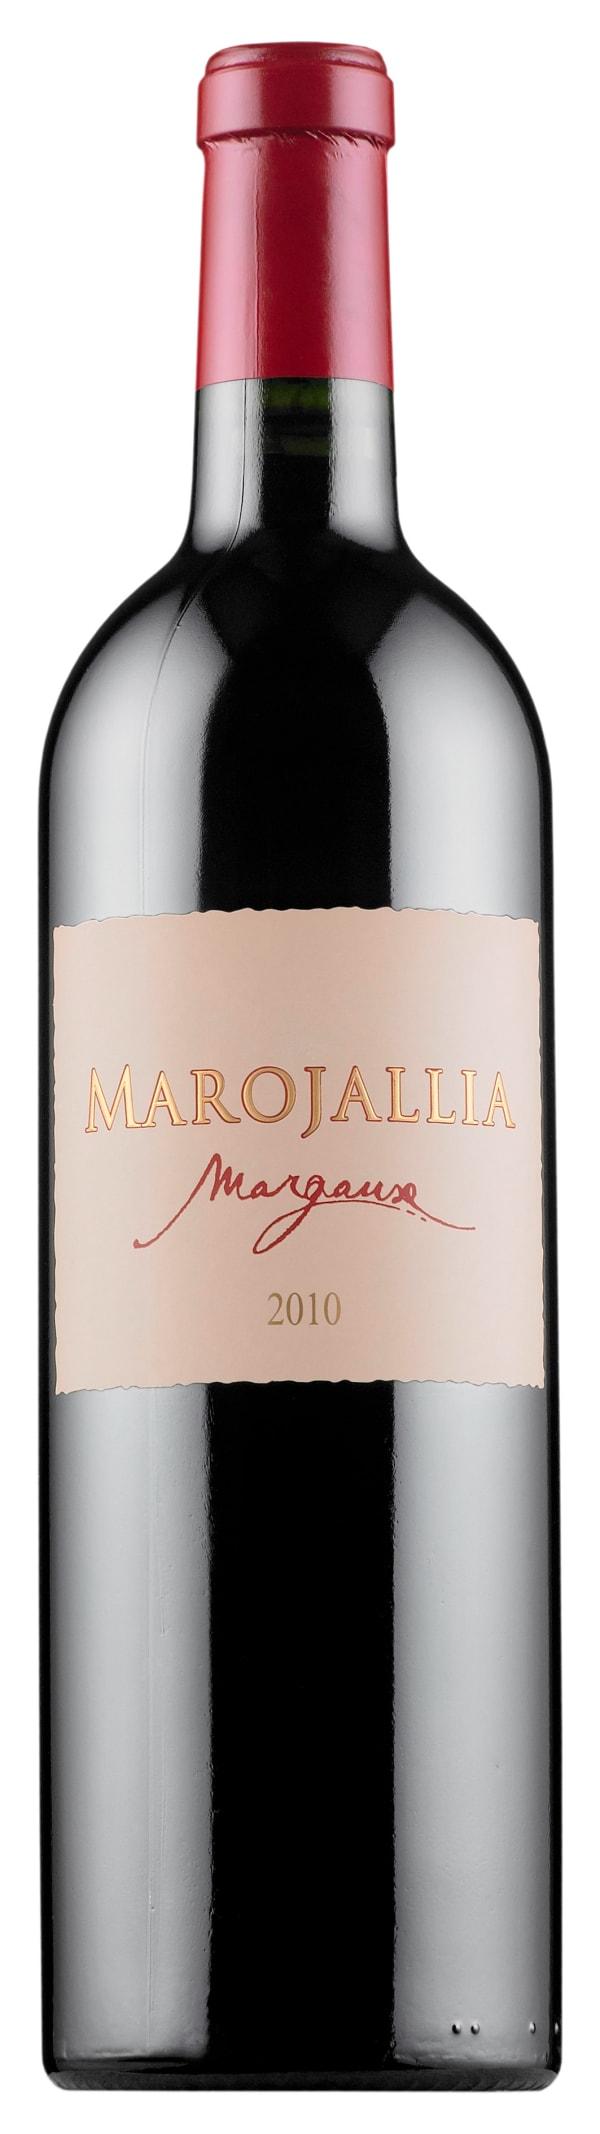 Marojallia 2010